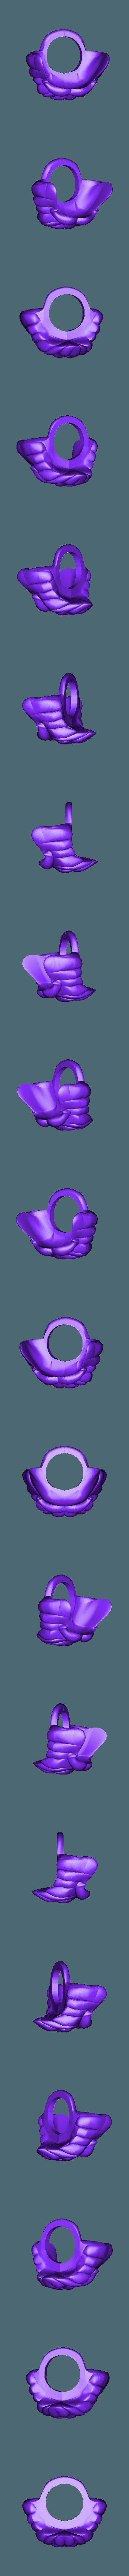 splinebeard_v03_102_percent.STL Télécharger fichier STL gratuit Noël géant - Père Noël • Modèle à imprimer en 3D, HowardB